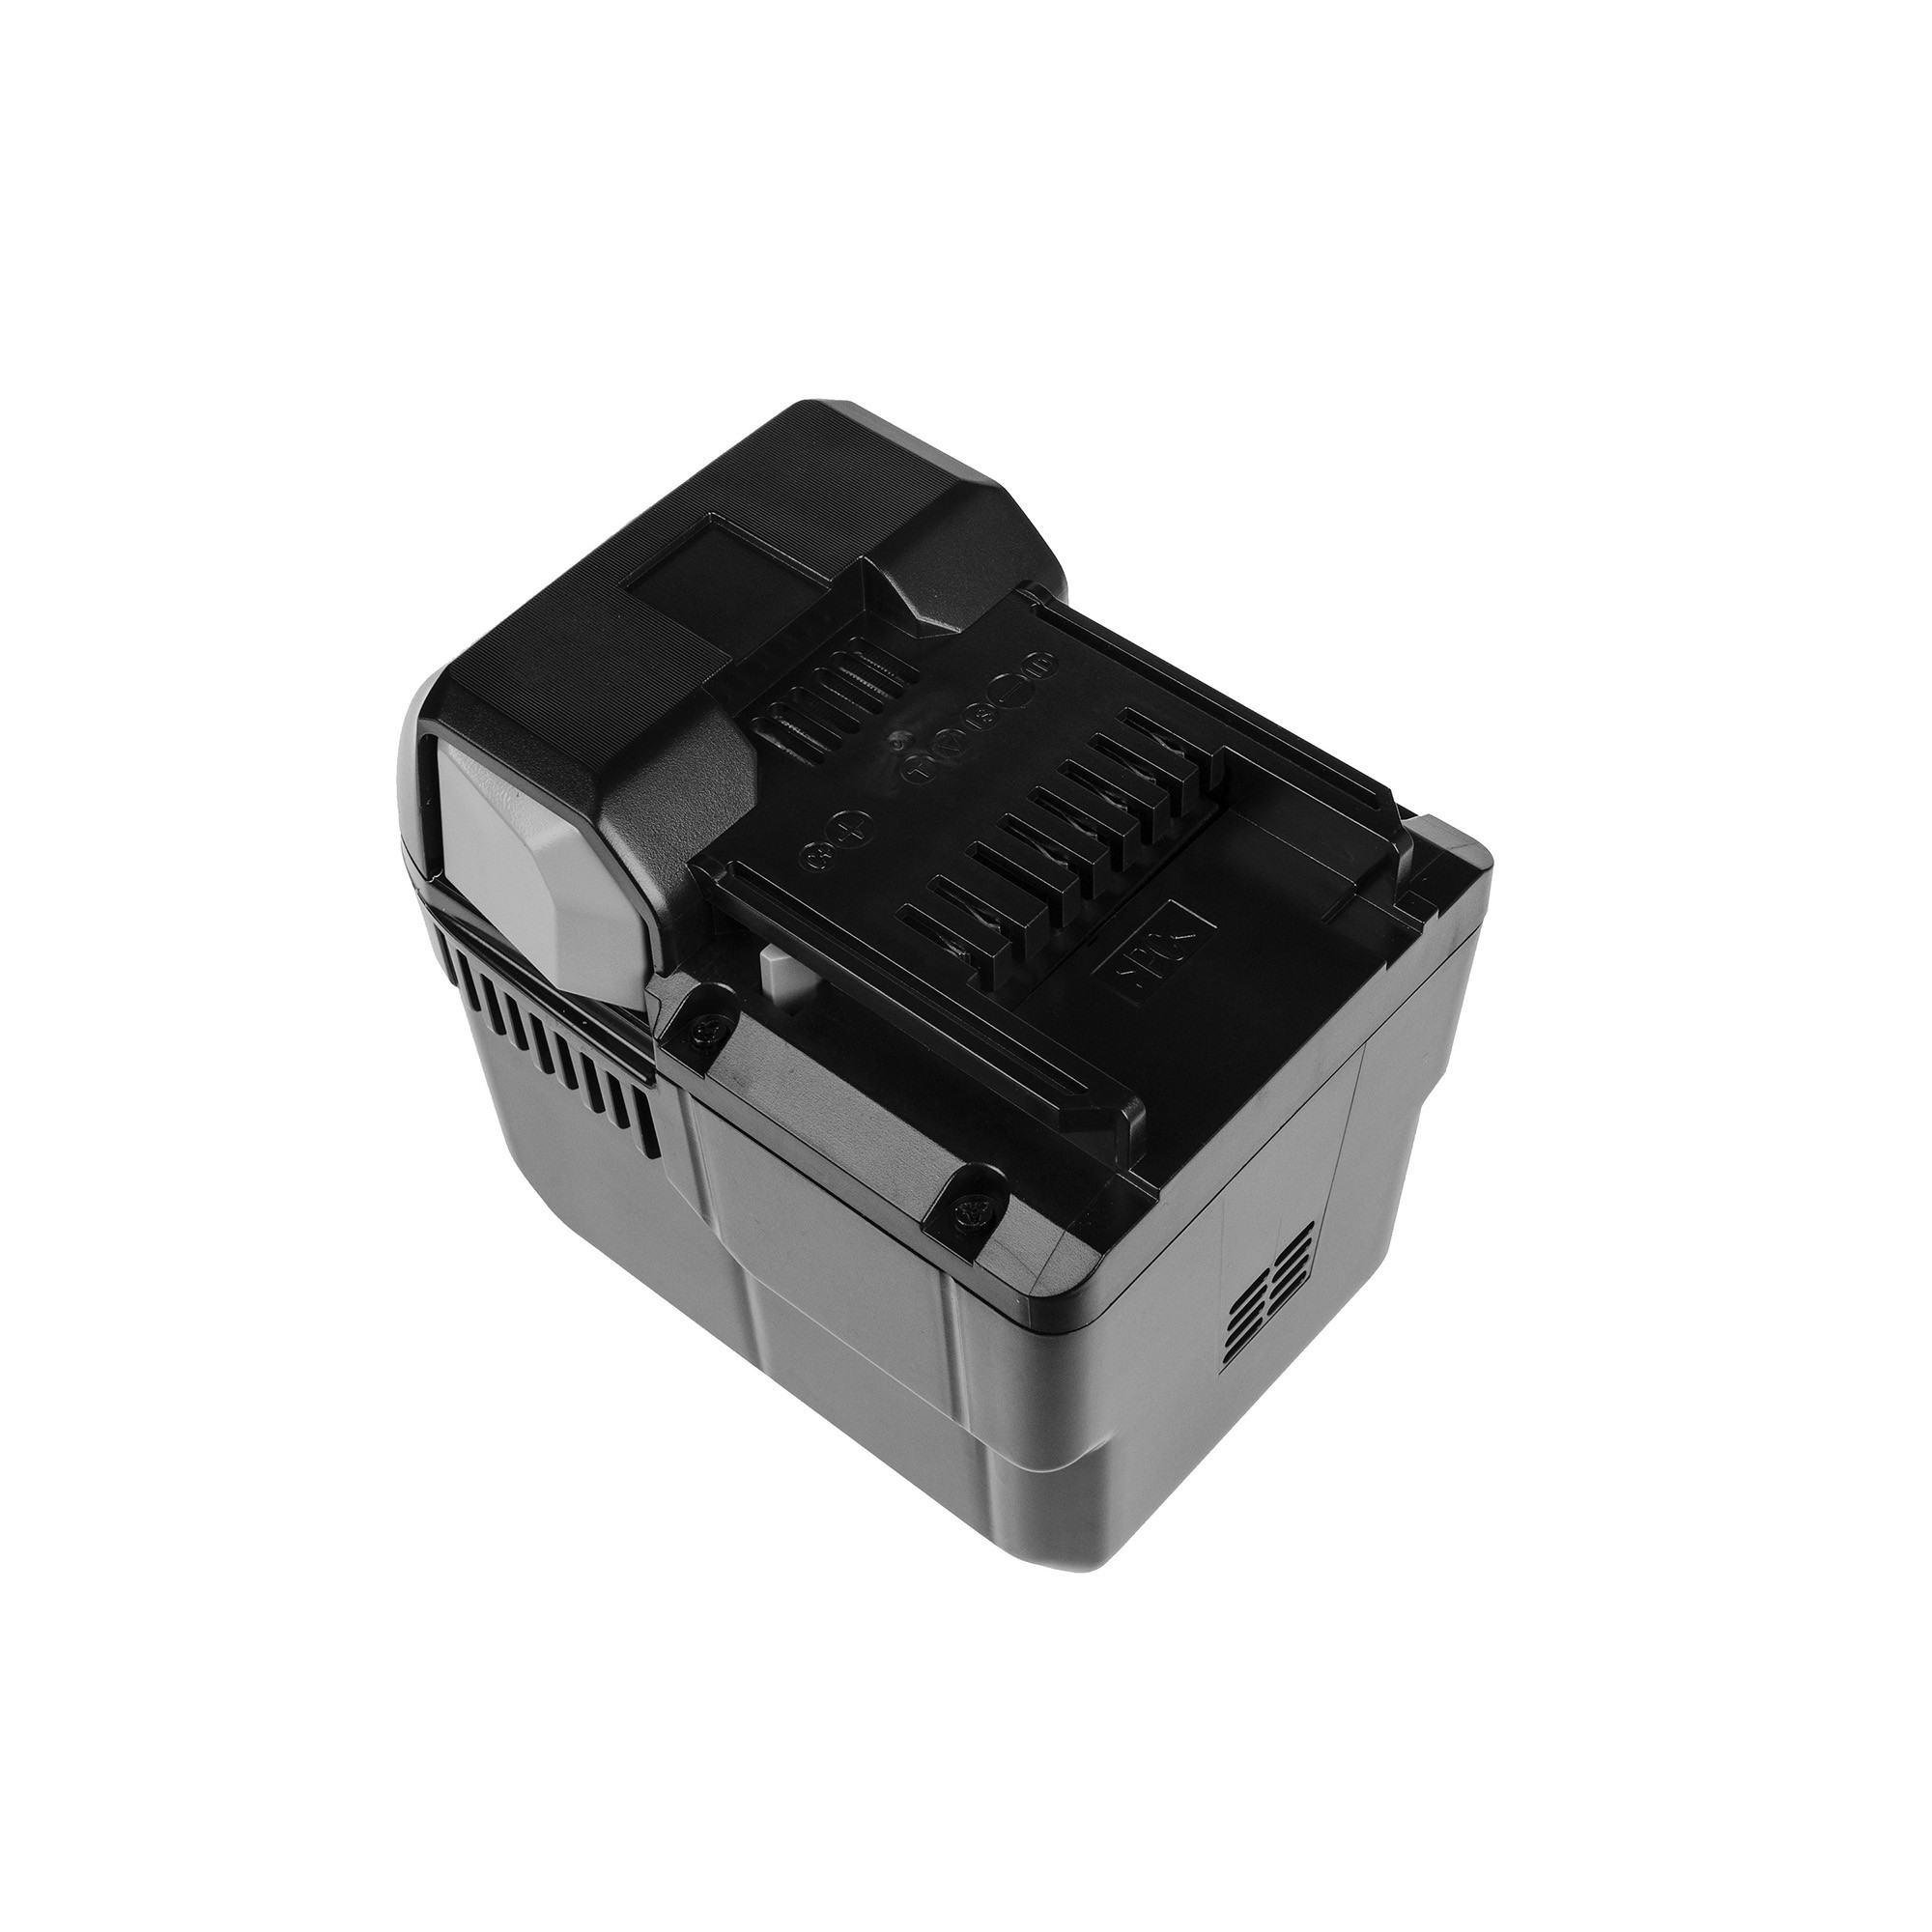 Green Cellverktygsbatteri BSL 3620 BSL 3626 för Hitachi CG 36DL CS 36DL DH 36DL ML 36DL RB 36DL